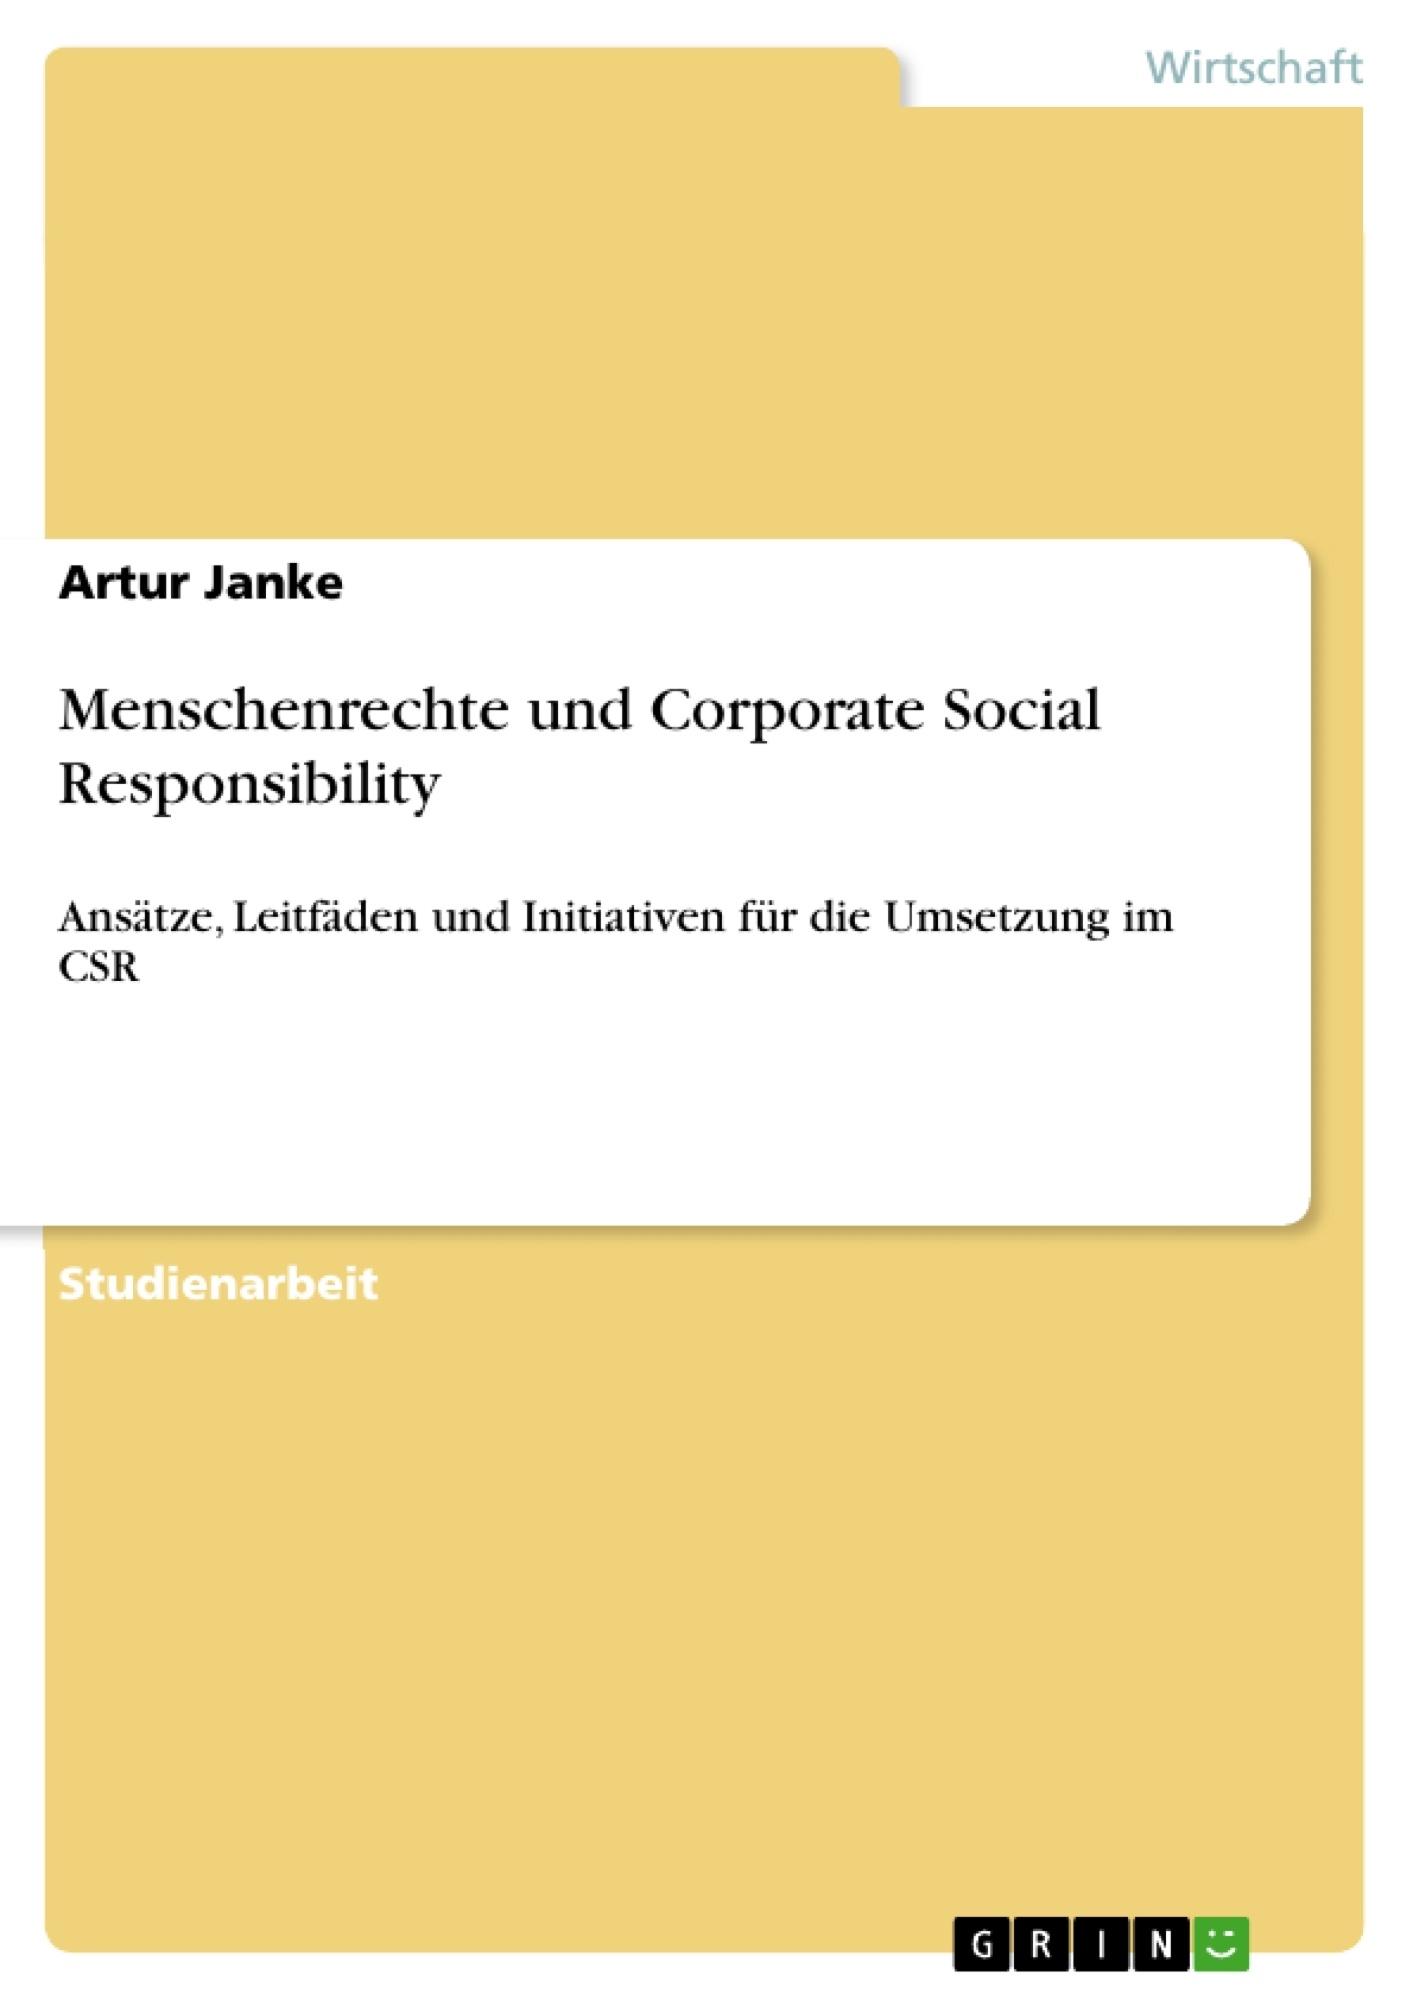 Titel: Menschenrechte und Corporate Social Responsibility